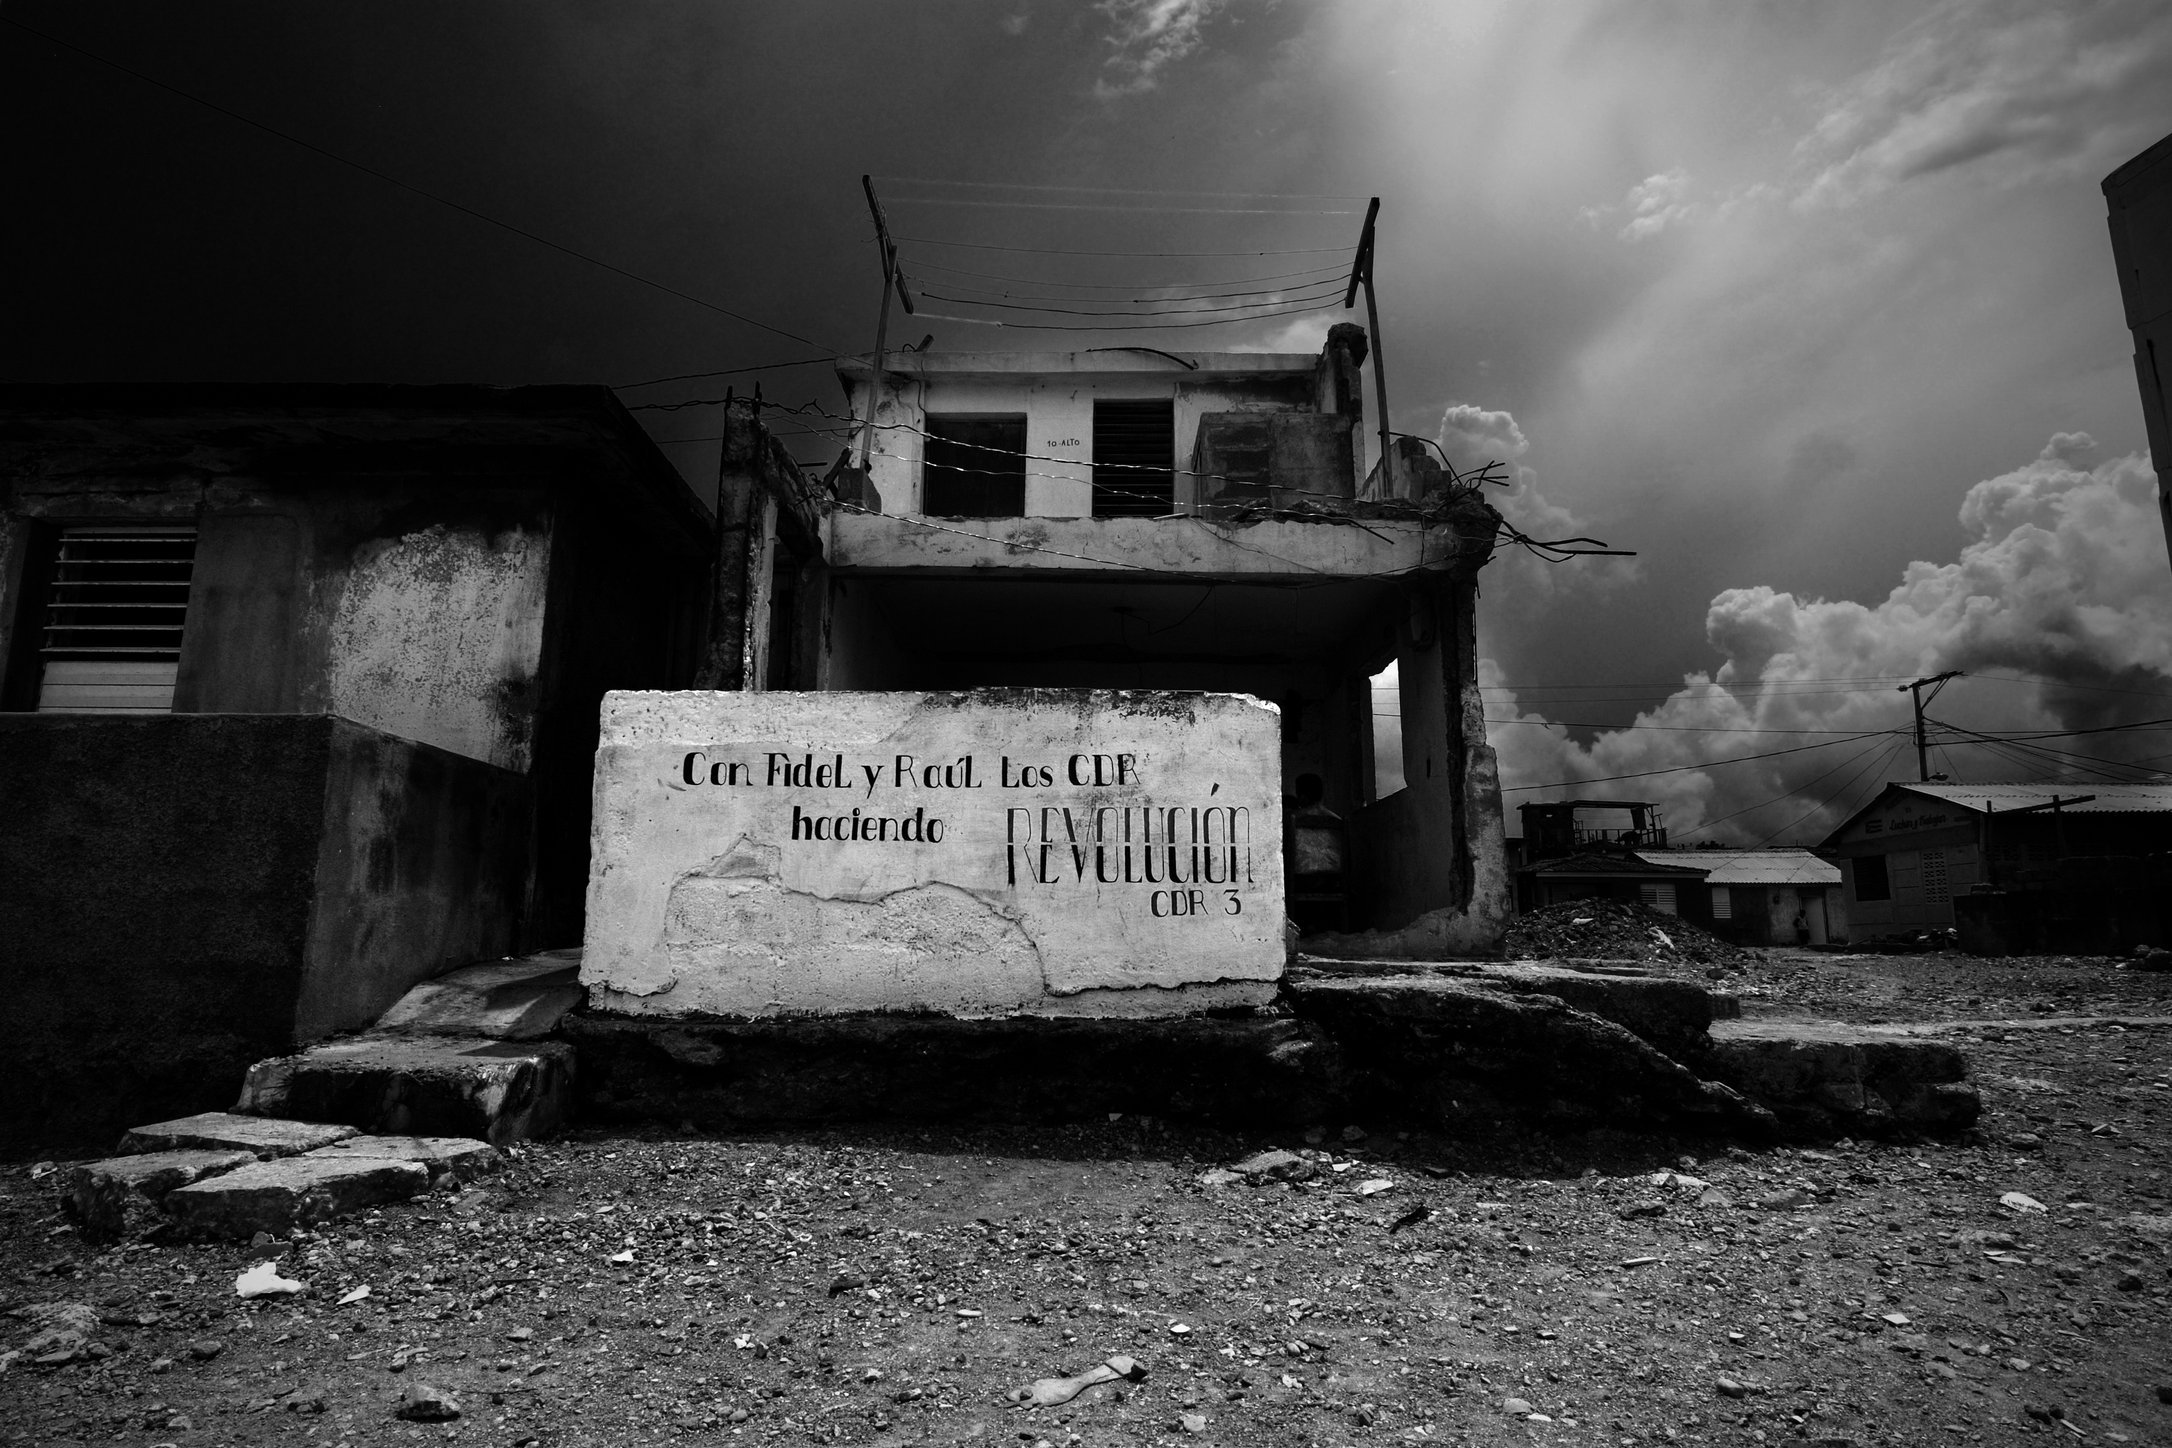 2010 | Cuba